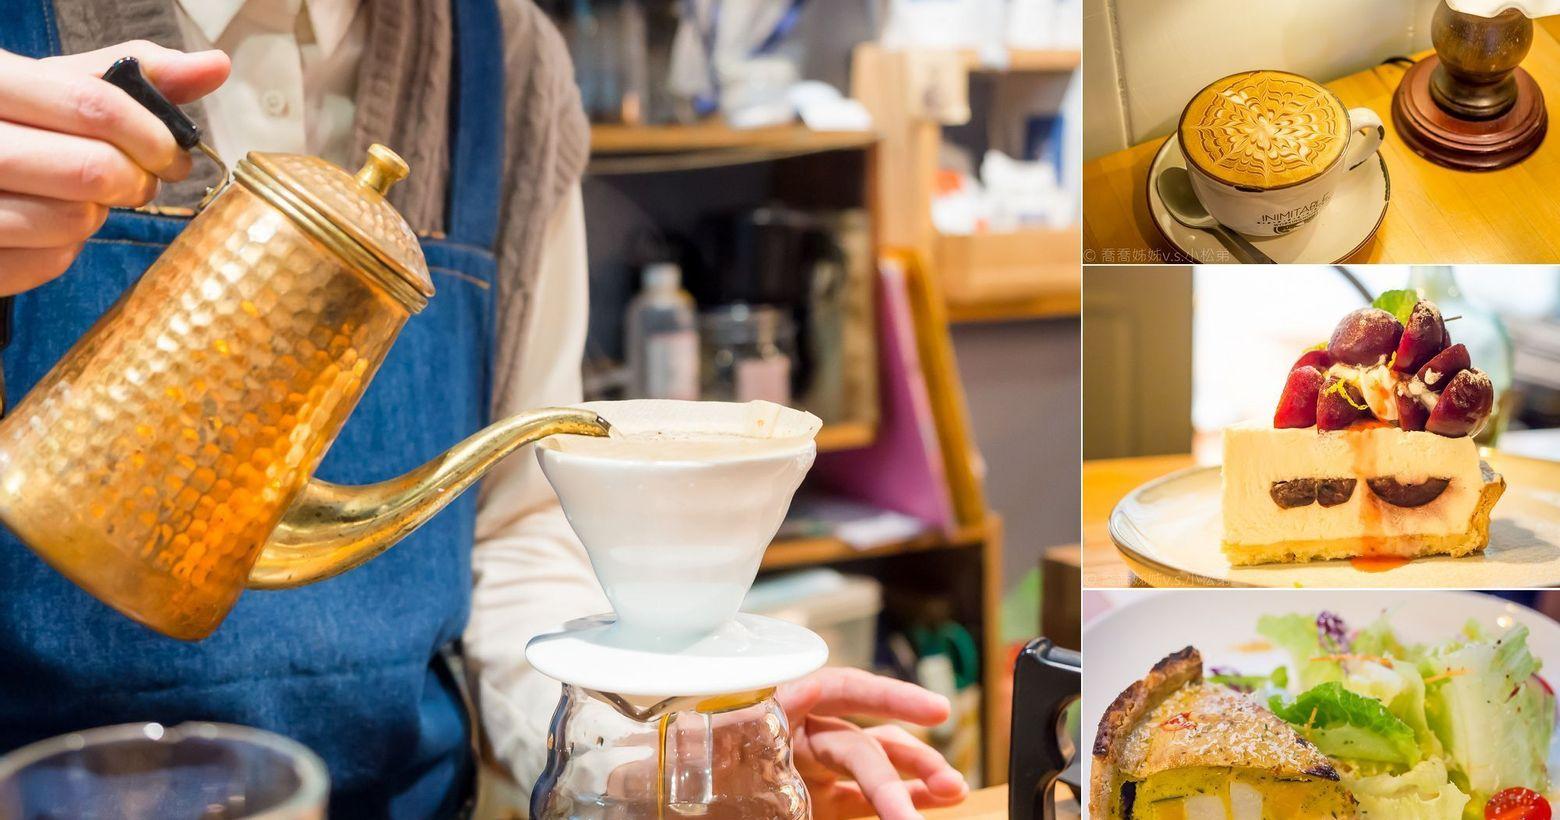 宜蘭。羅東。凡思咖啡La pensée Café。自家烘焙咖啡加上自製手工蛋糕與鹹派。享受溫馨午茶時